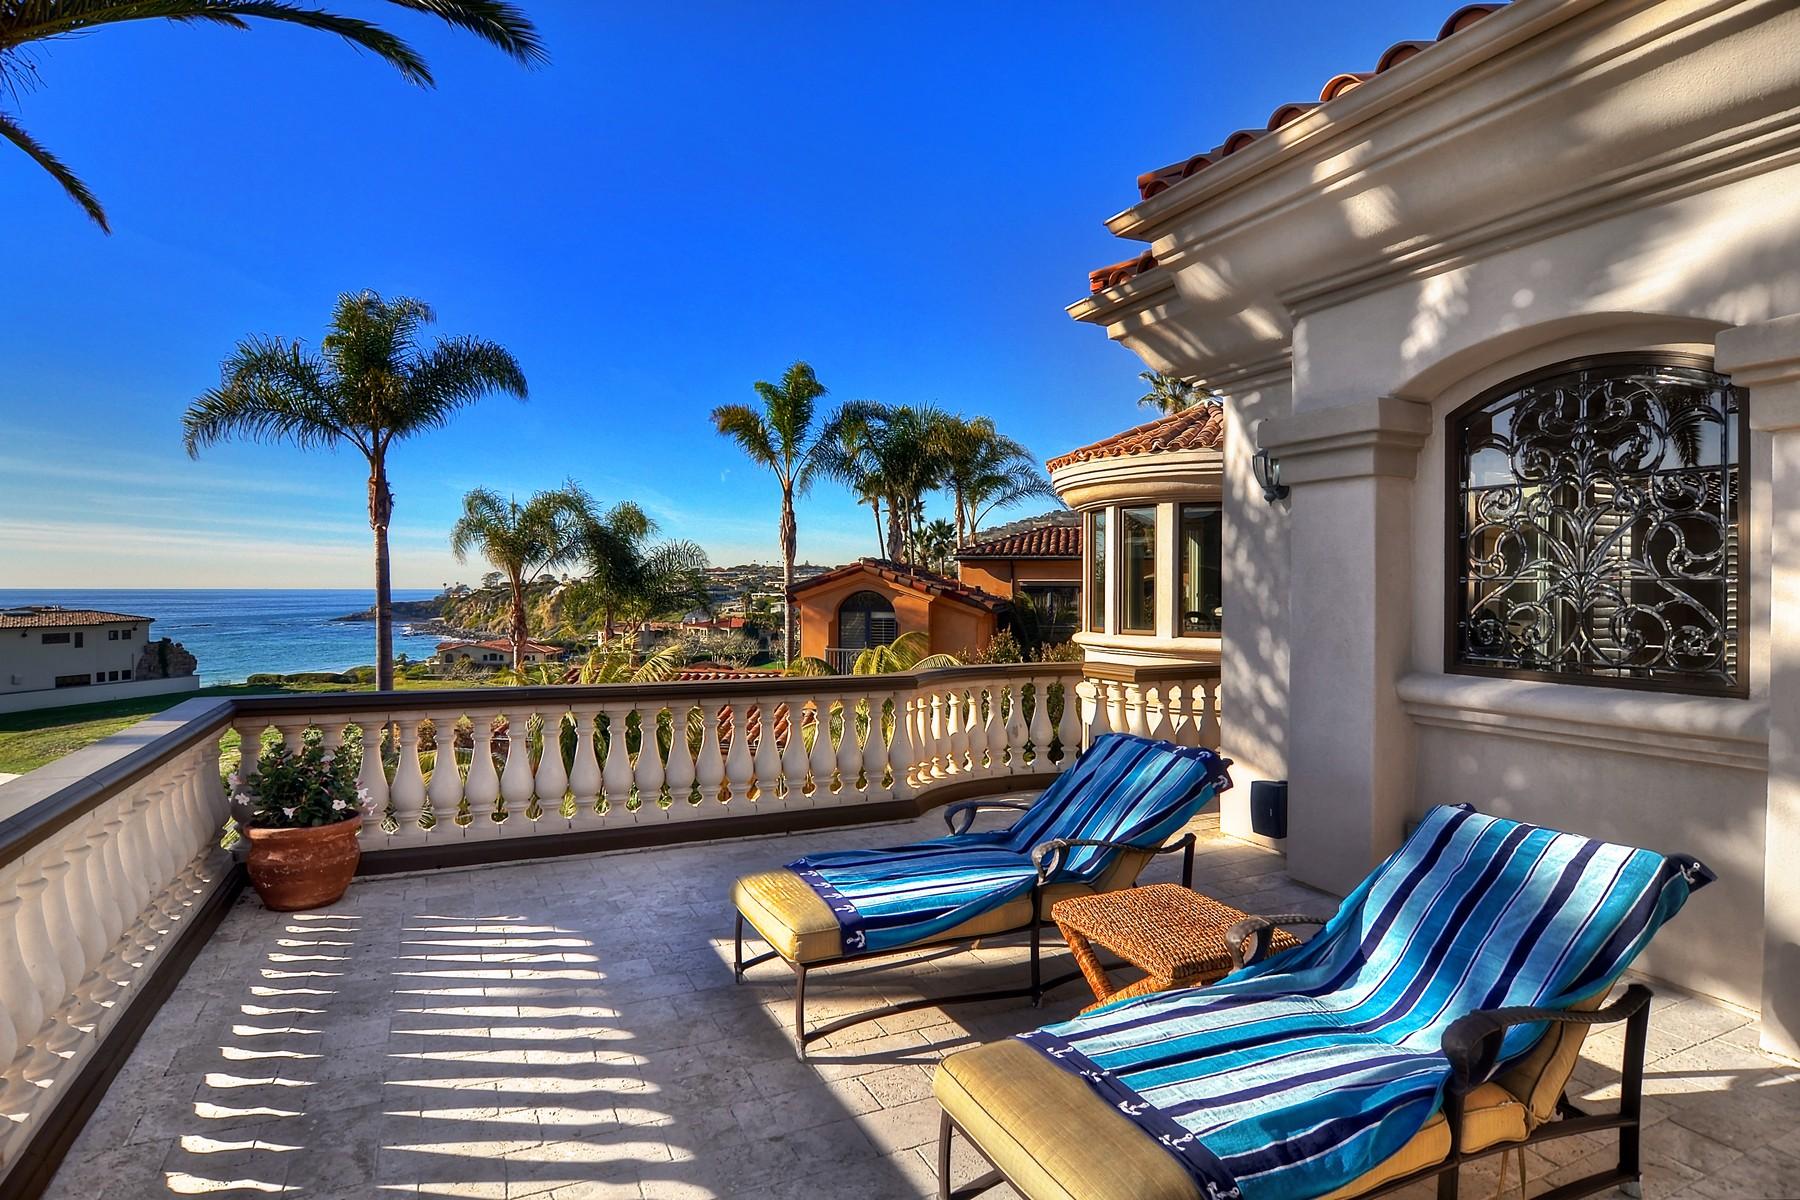 独户住宅 为 销售 在 81 Ritz Cove Drive 德纳, 加利福尼亚州, 92629 美国